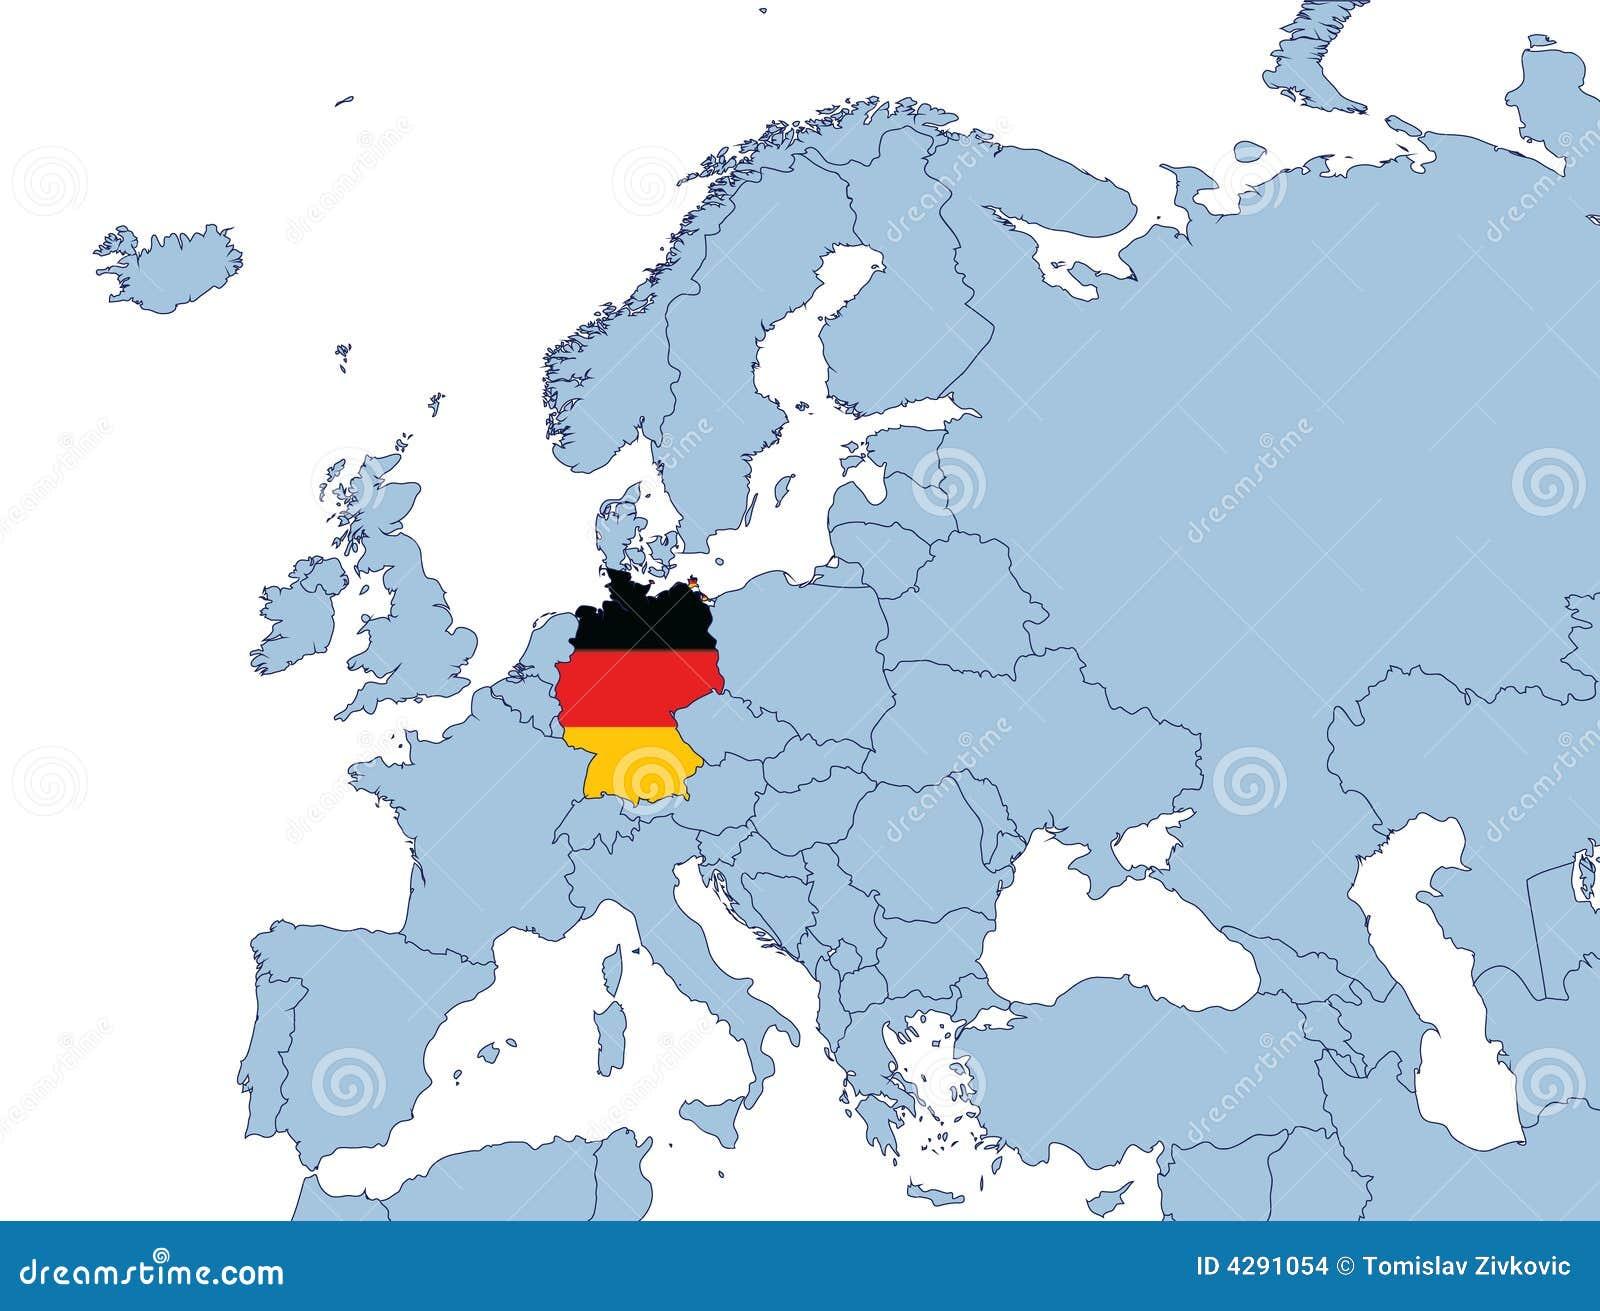 deutschland auf europa karte stockbilder bild 4291054. Black Bedroom Furniture Sets. Home Design Ideas